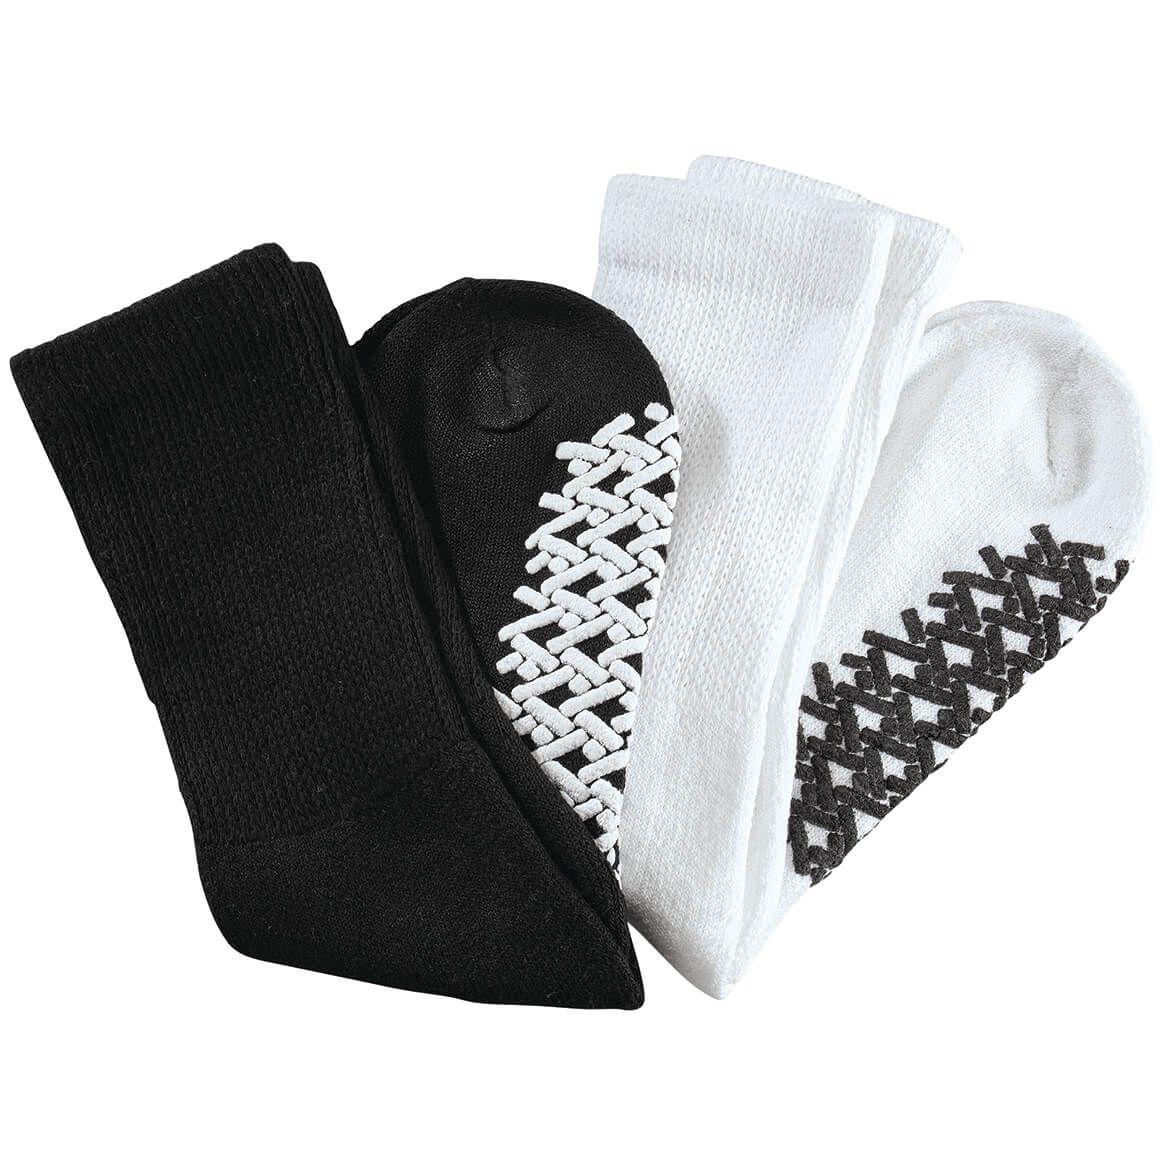 Silver Steps™ Diabetic Gripper Socks, 2 Pairs-371090